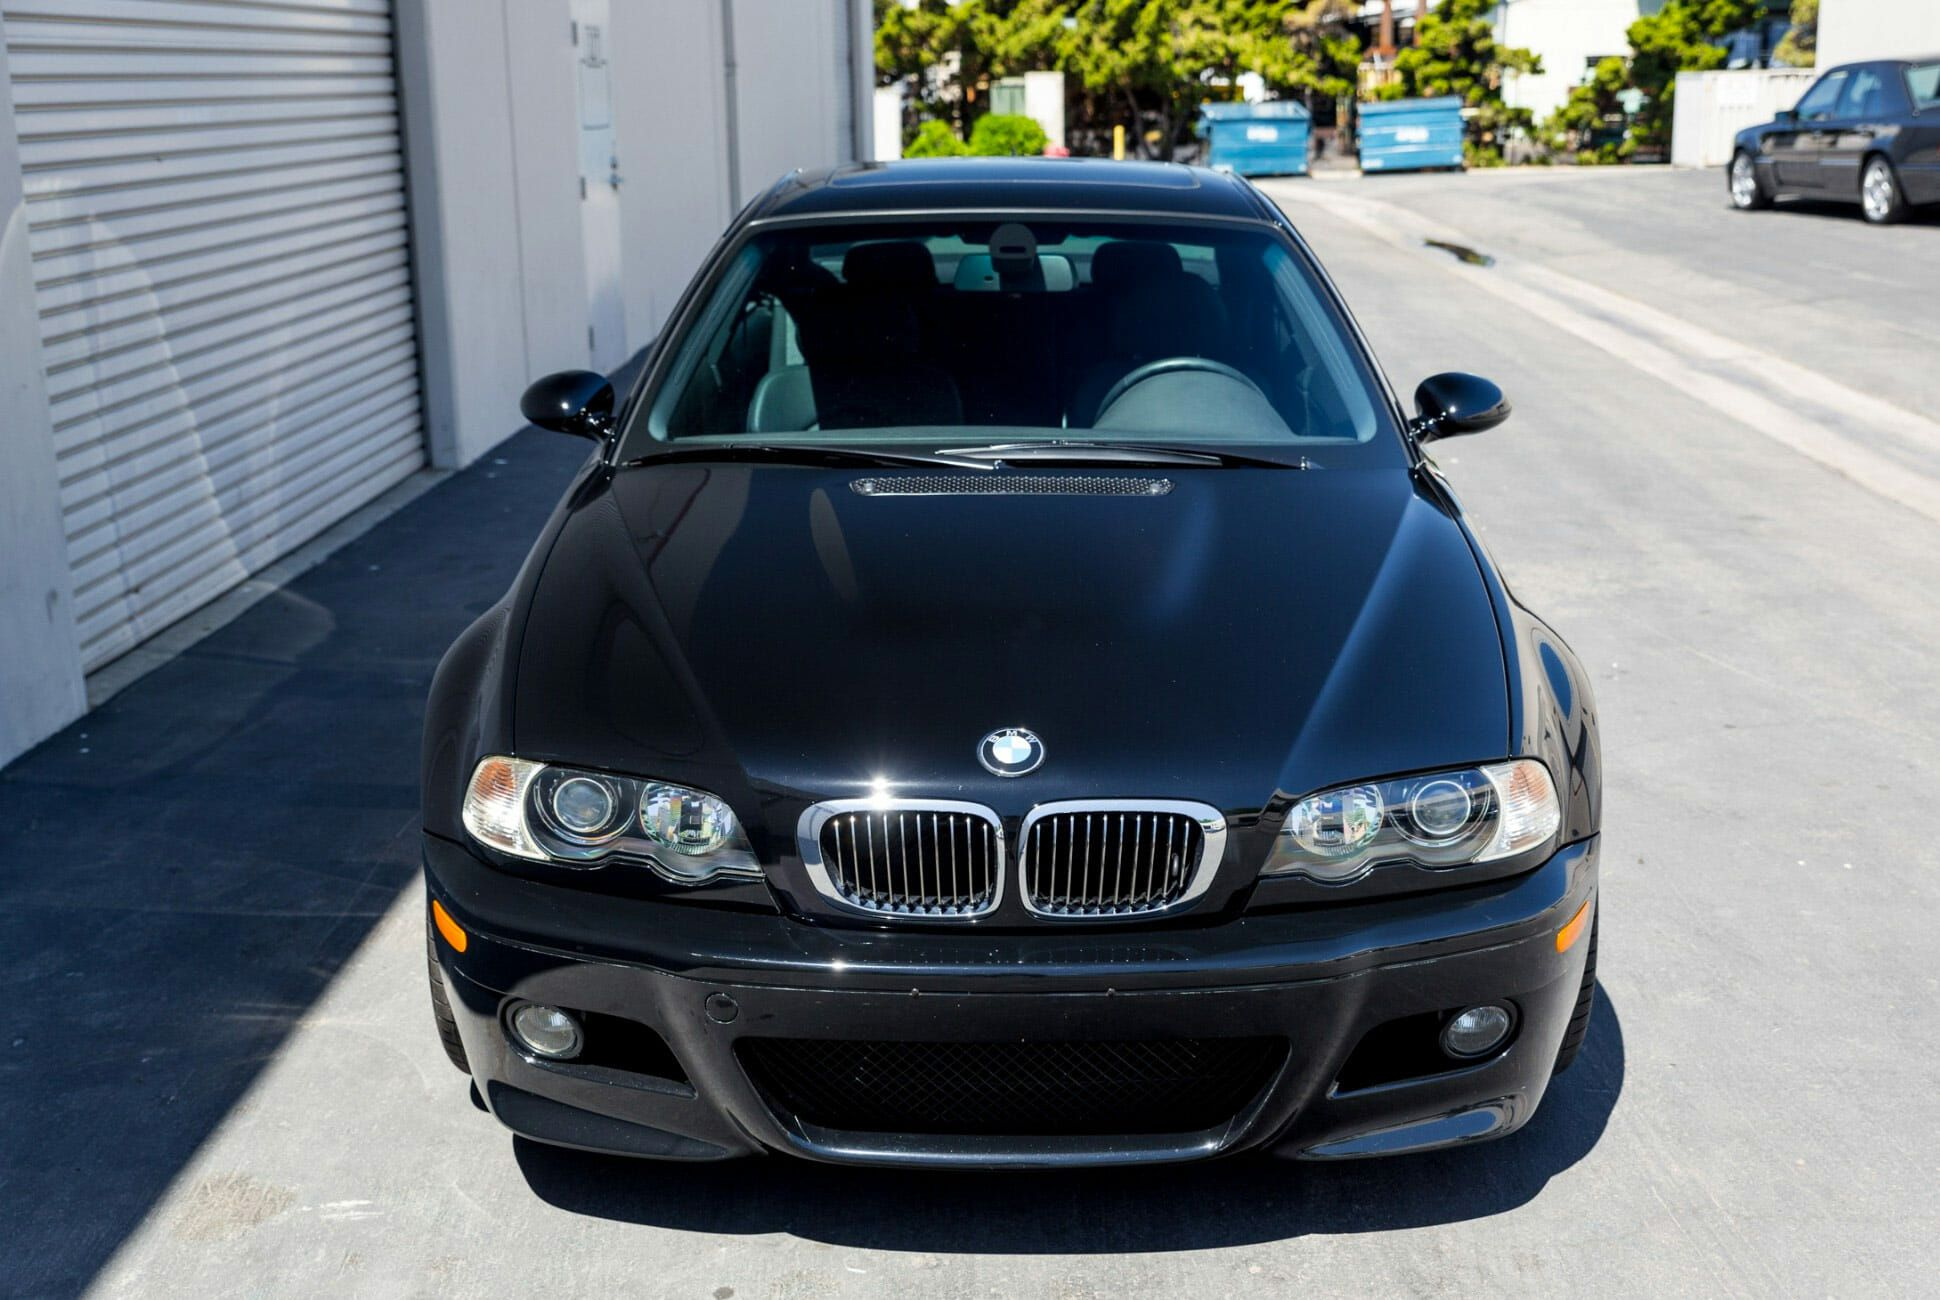 2005-Bring-a-Trailer-BMW-M3--gear-patrol-6